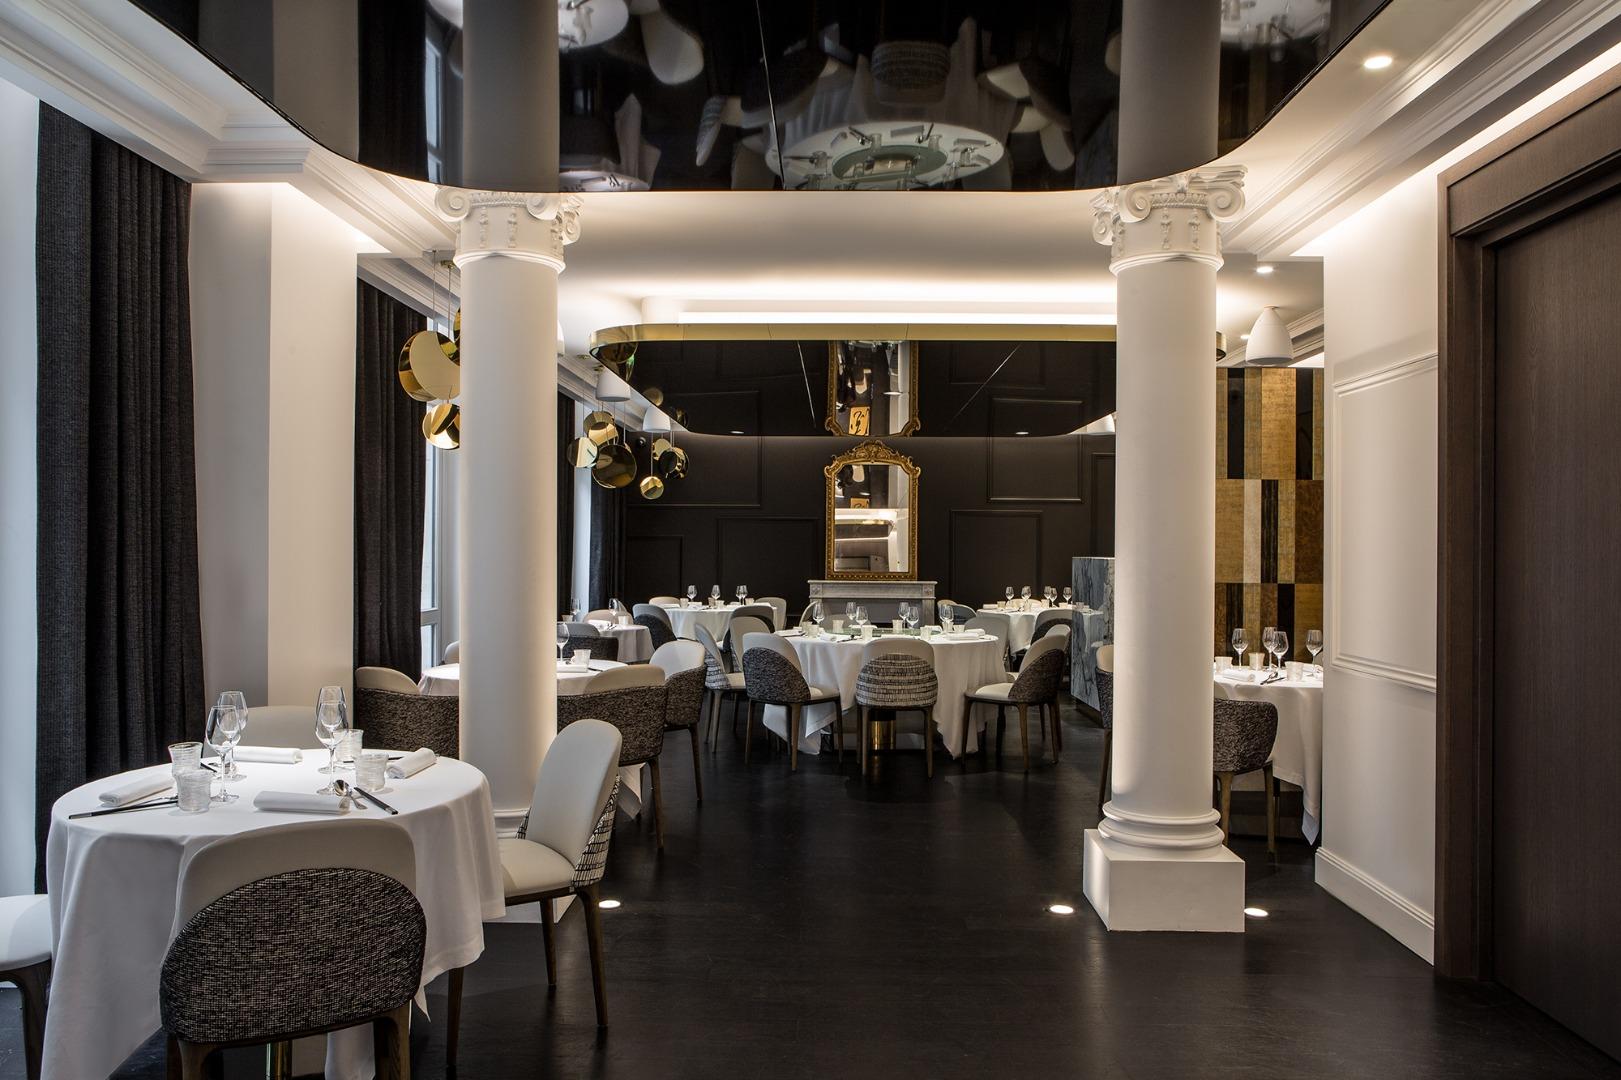 Для поціновувачів китайської кухні - вишуканий ресторан Imperial Treasure Fine Chinese Cuisine, який увійшов до ресторанного гіду Michelin 2020